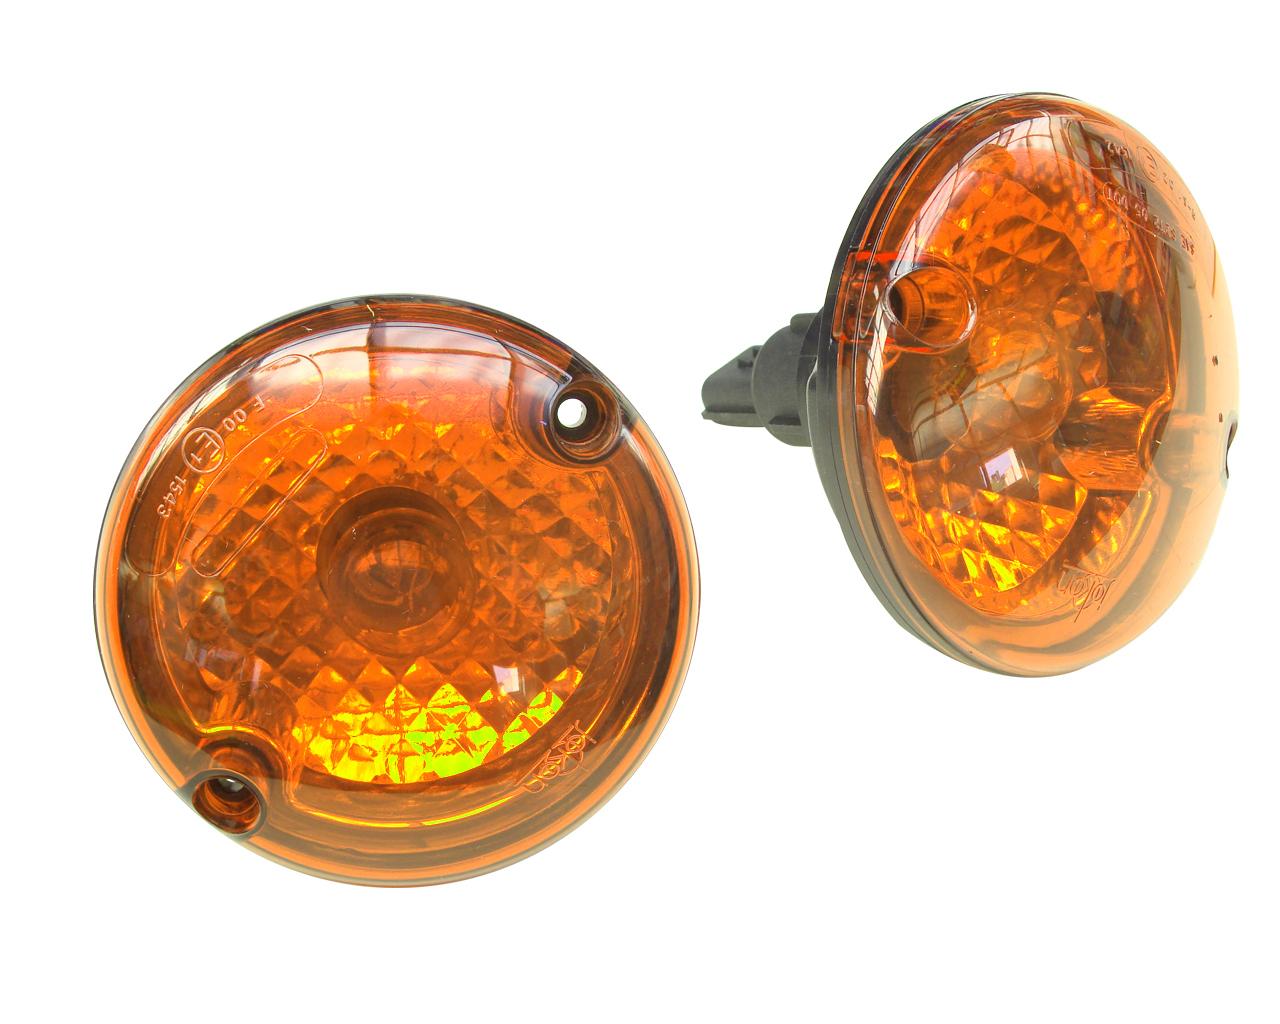 Quincaillerie pour v hicules industriels decmo - Feu orange clignotant ...